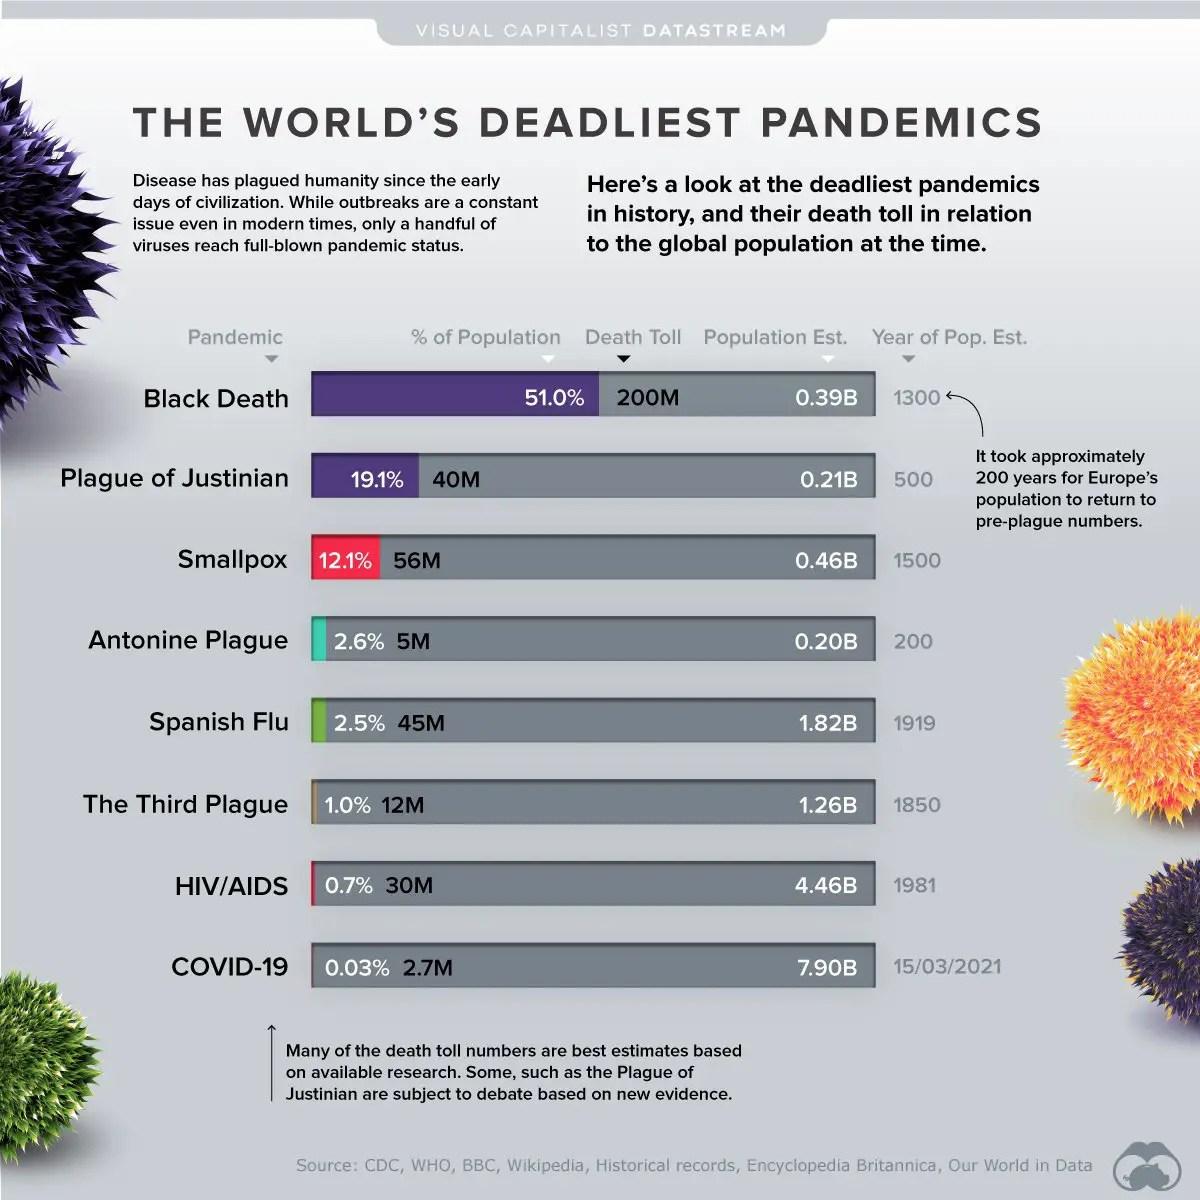 DeadliestPandemicsbyPopulation